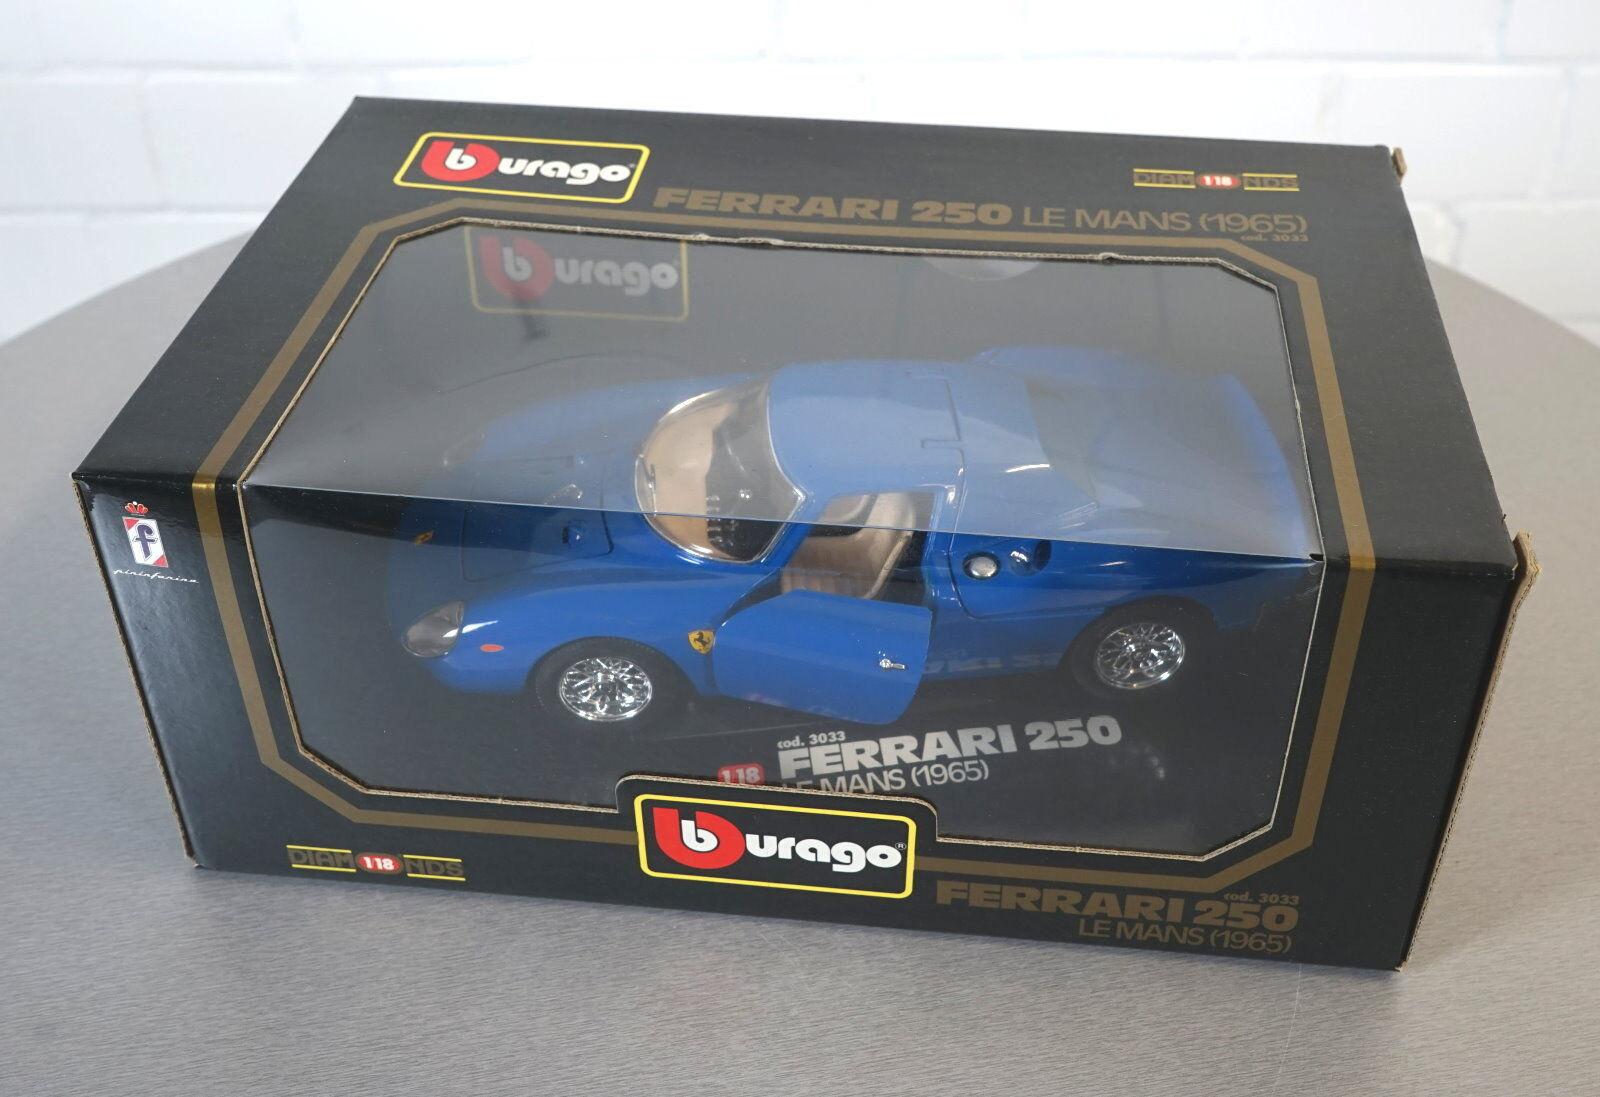 BURAGO 1 18 FERRARI 250 Le Mans (1965) blu -3033 - Die-Cast Modello Auto Nuovo OVP